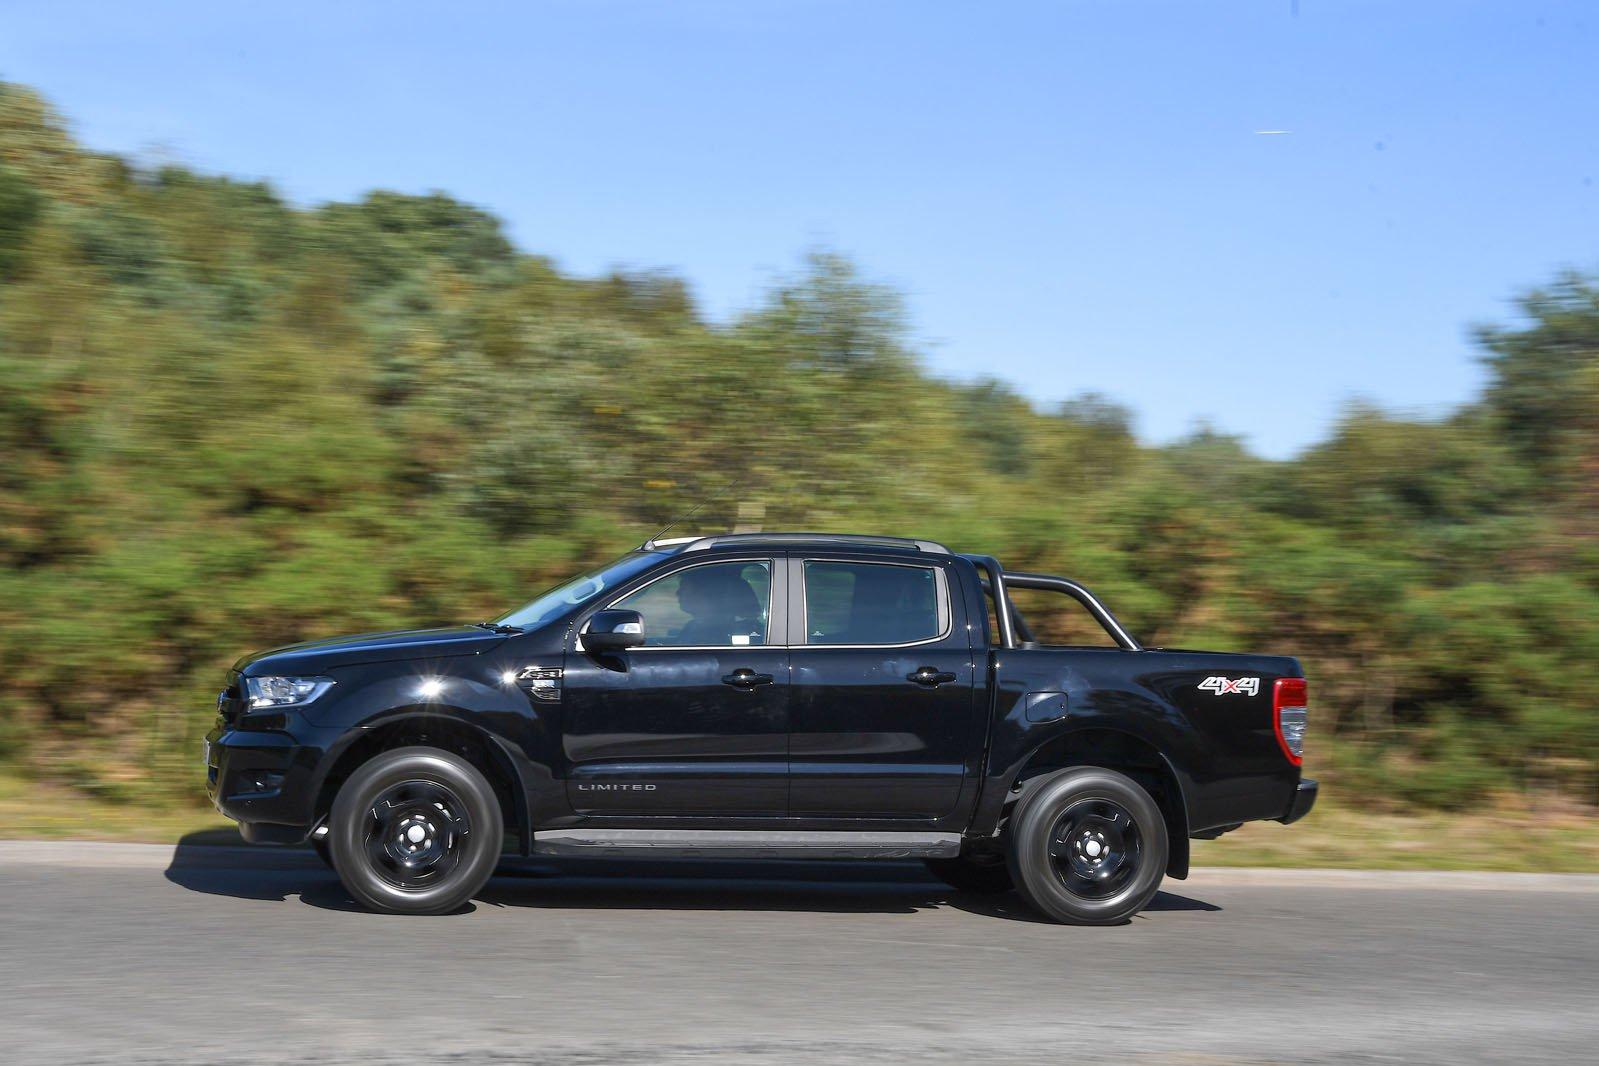 Ford Ranger side